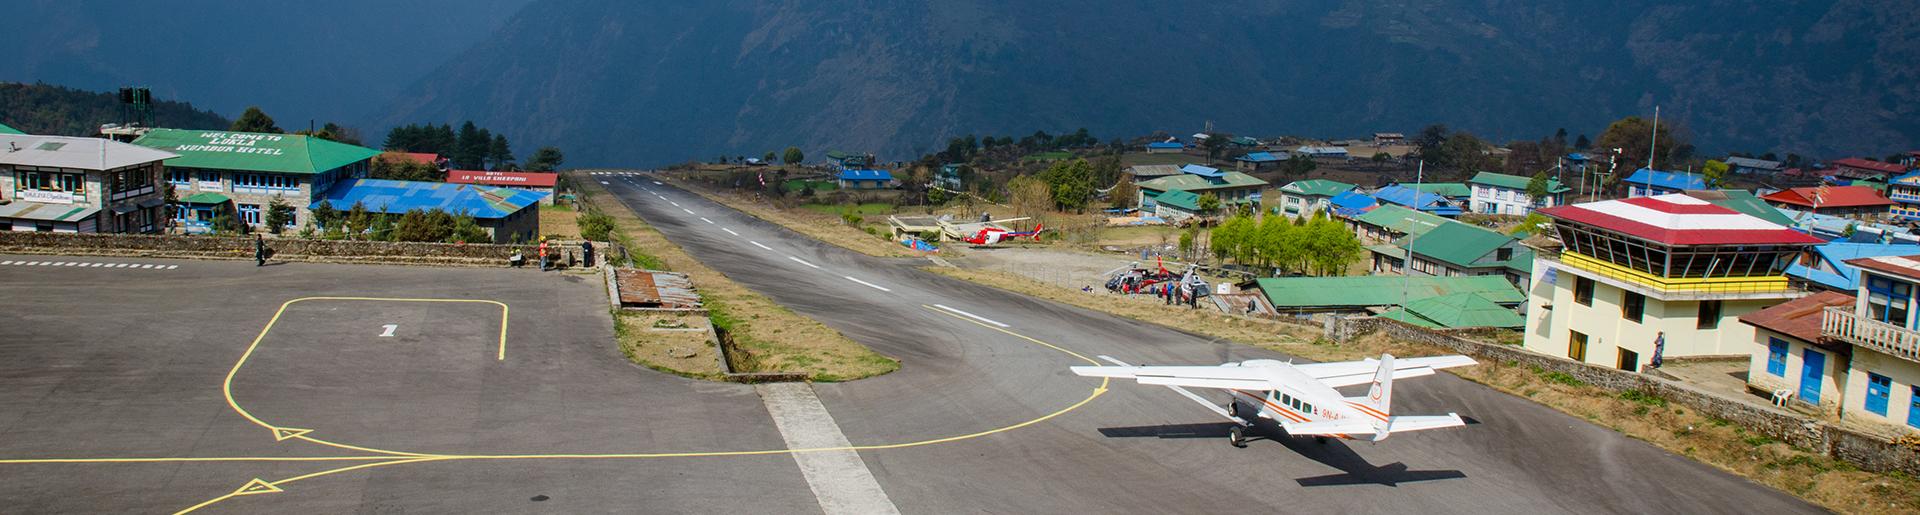 lulka airport, nepal